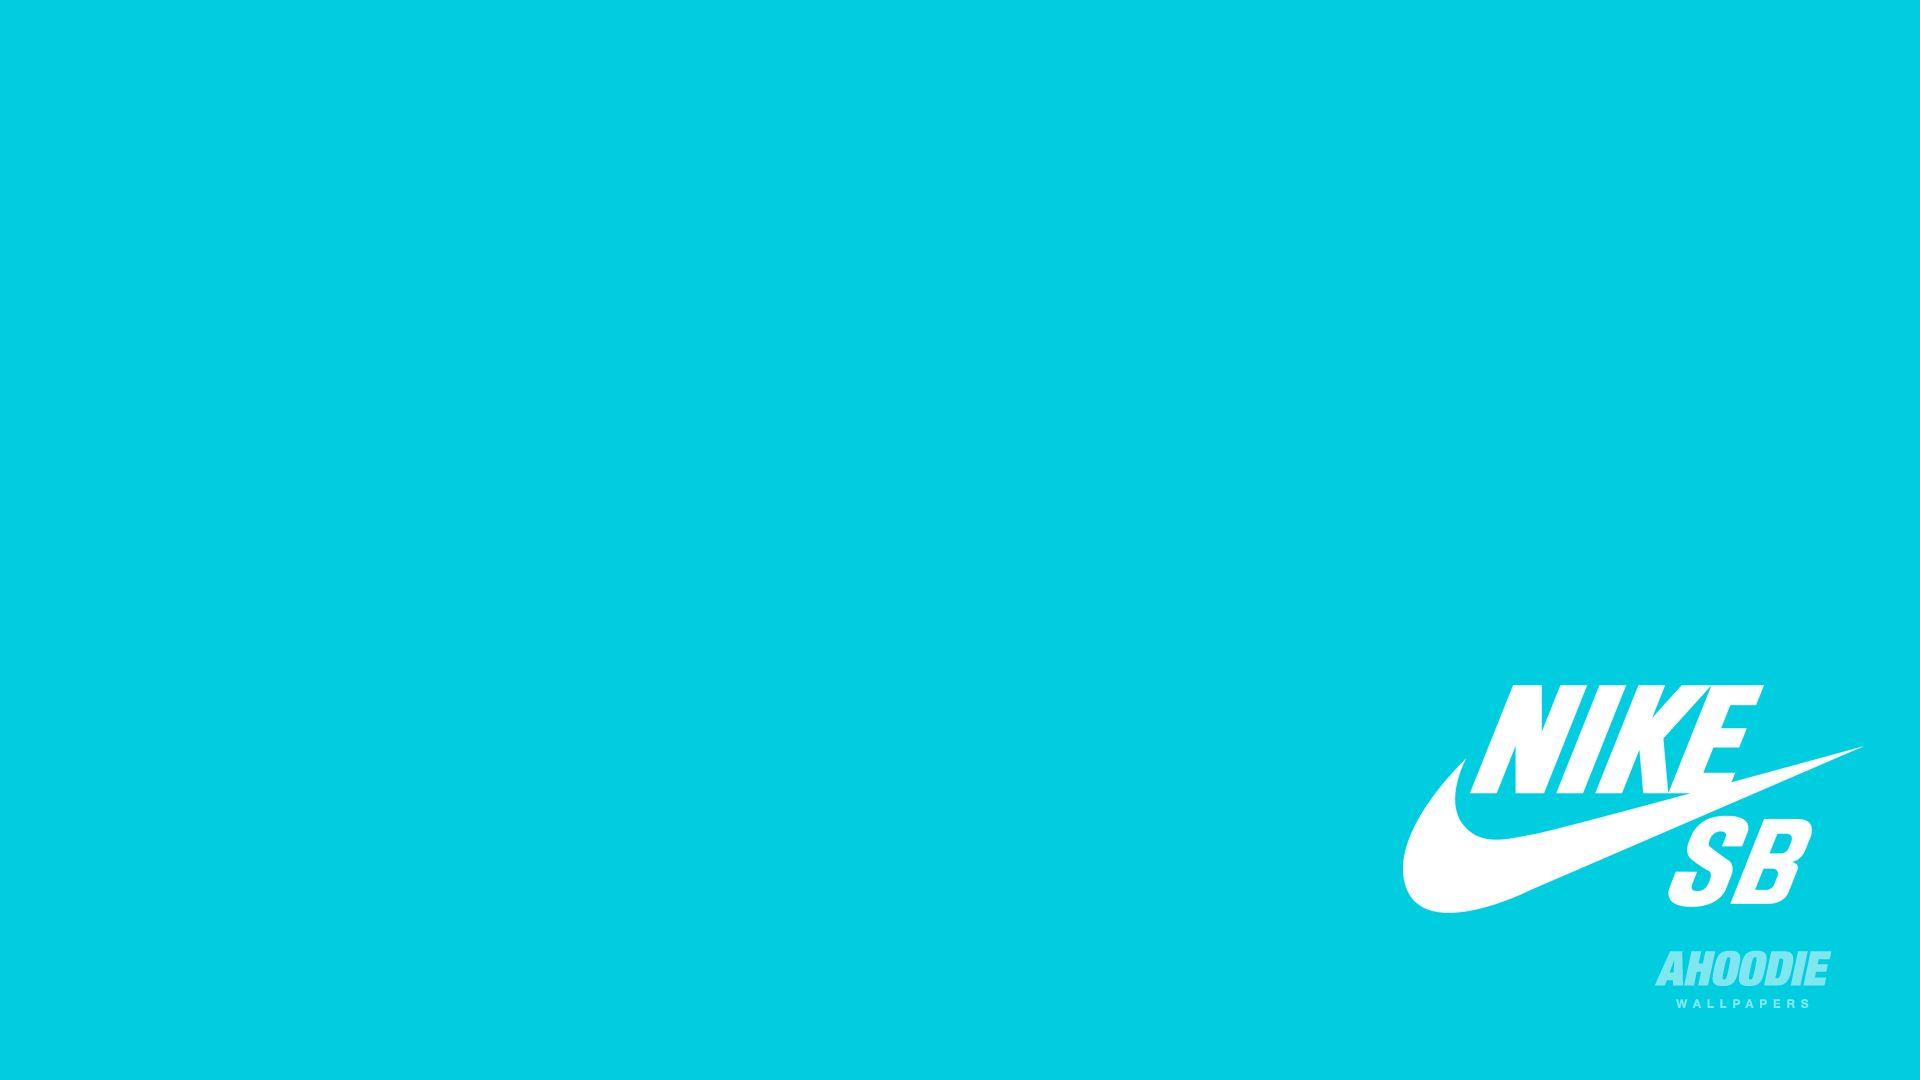 Wallpaper iphone nike - Nike Sb Logo Wallpapers Wallpaper Cave